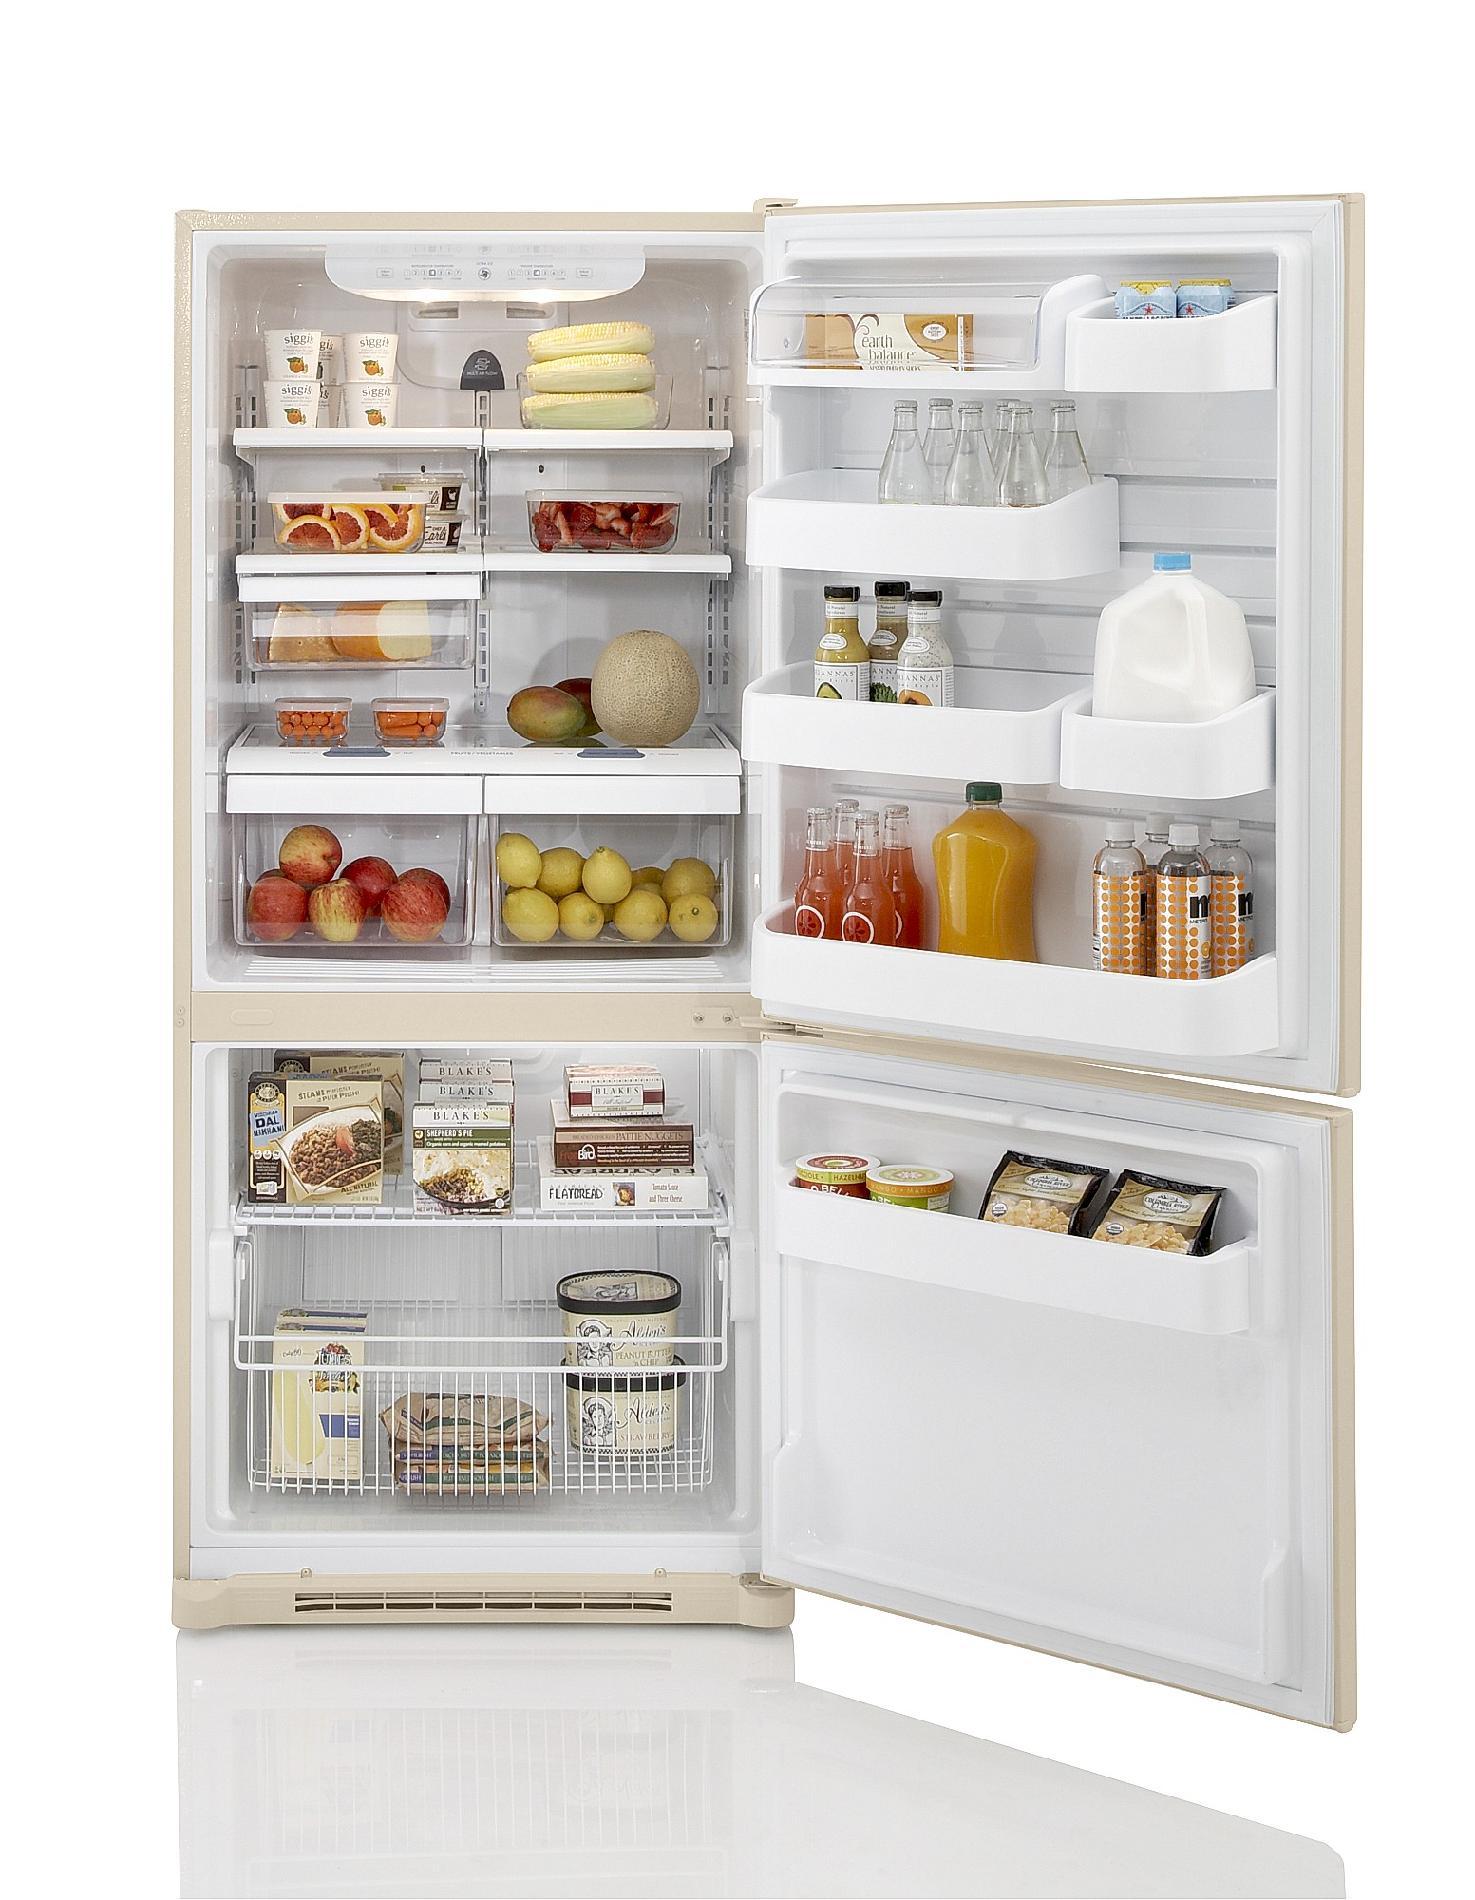 Kenmore 19.7 cu. ft. Bottom Freezer Refrigerator